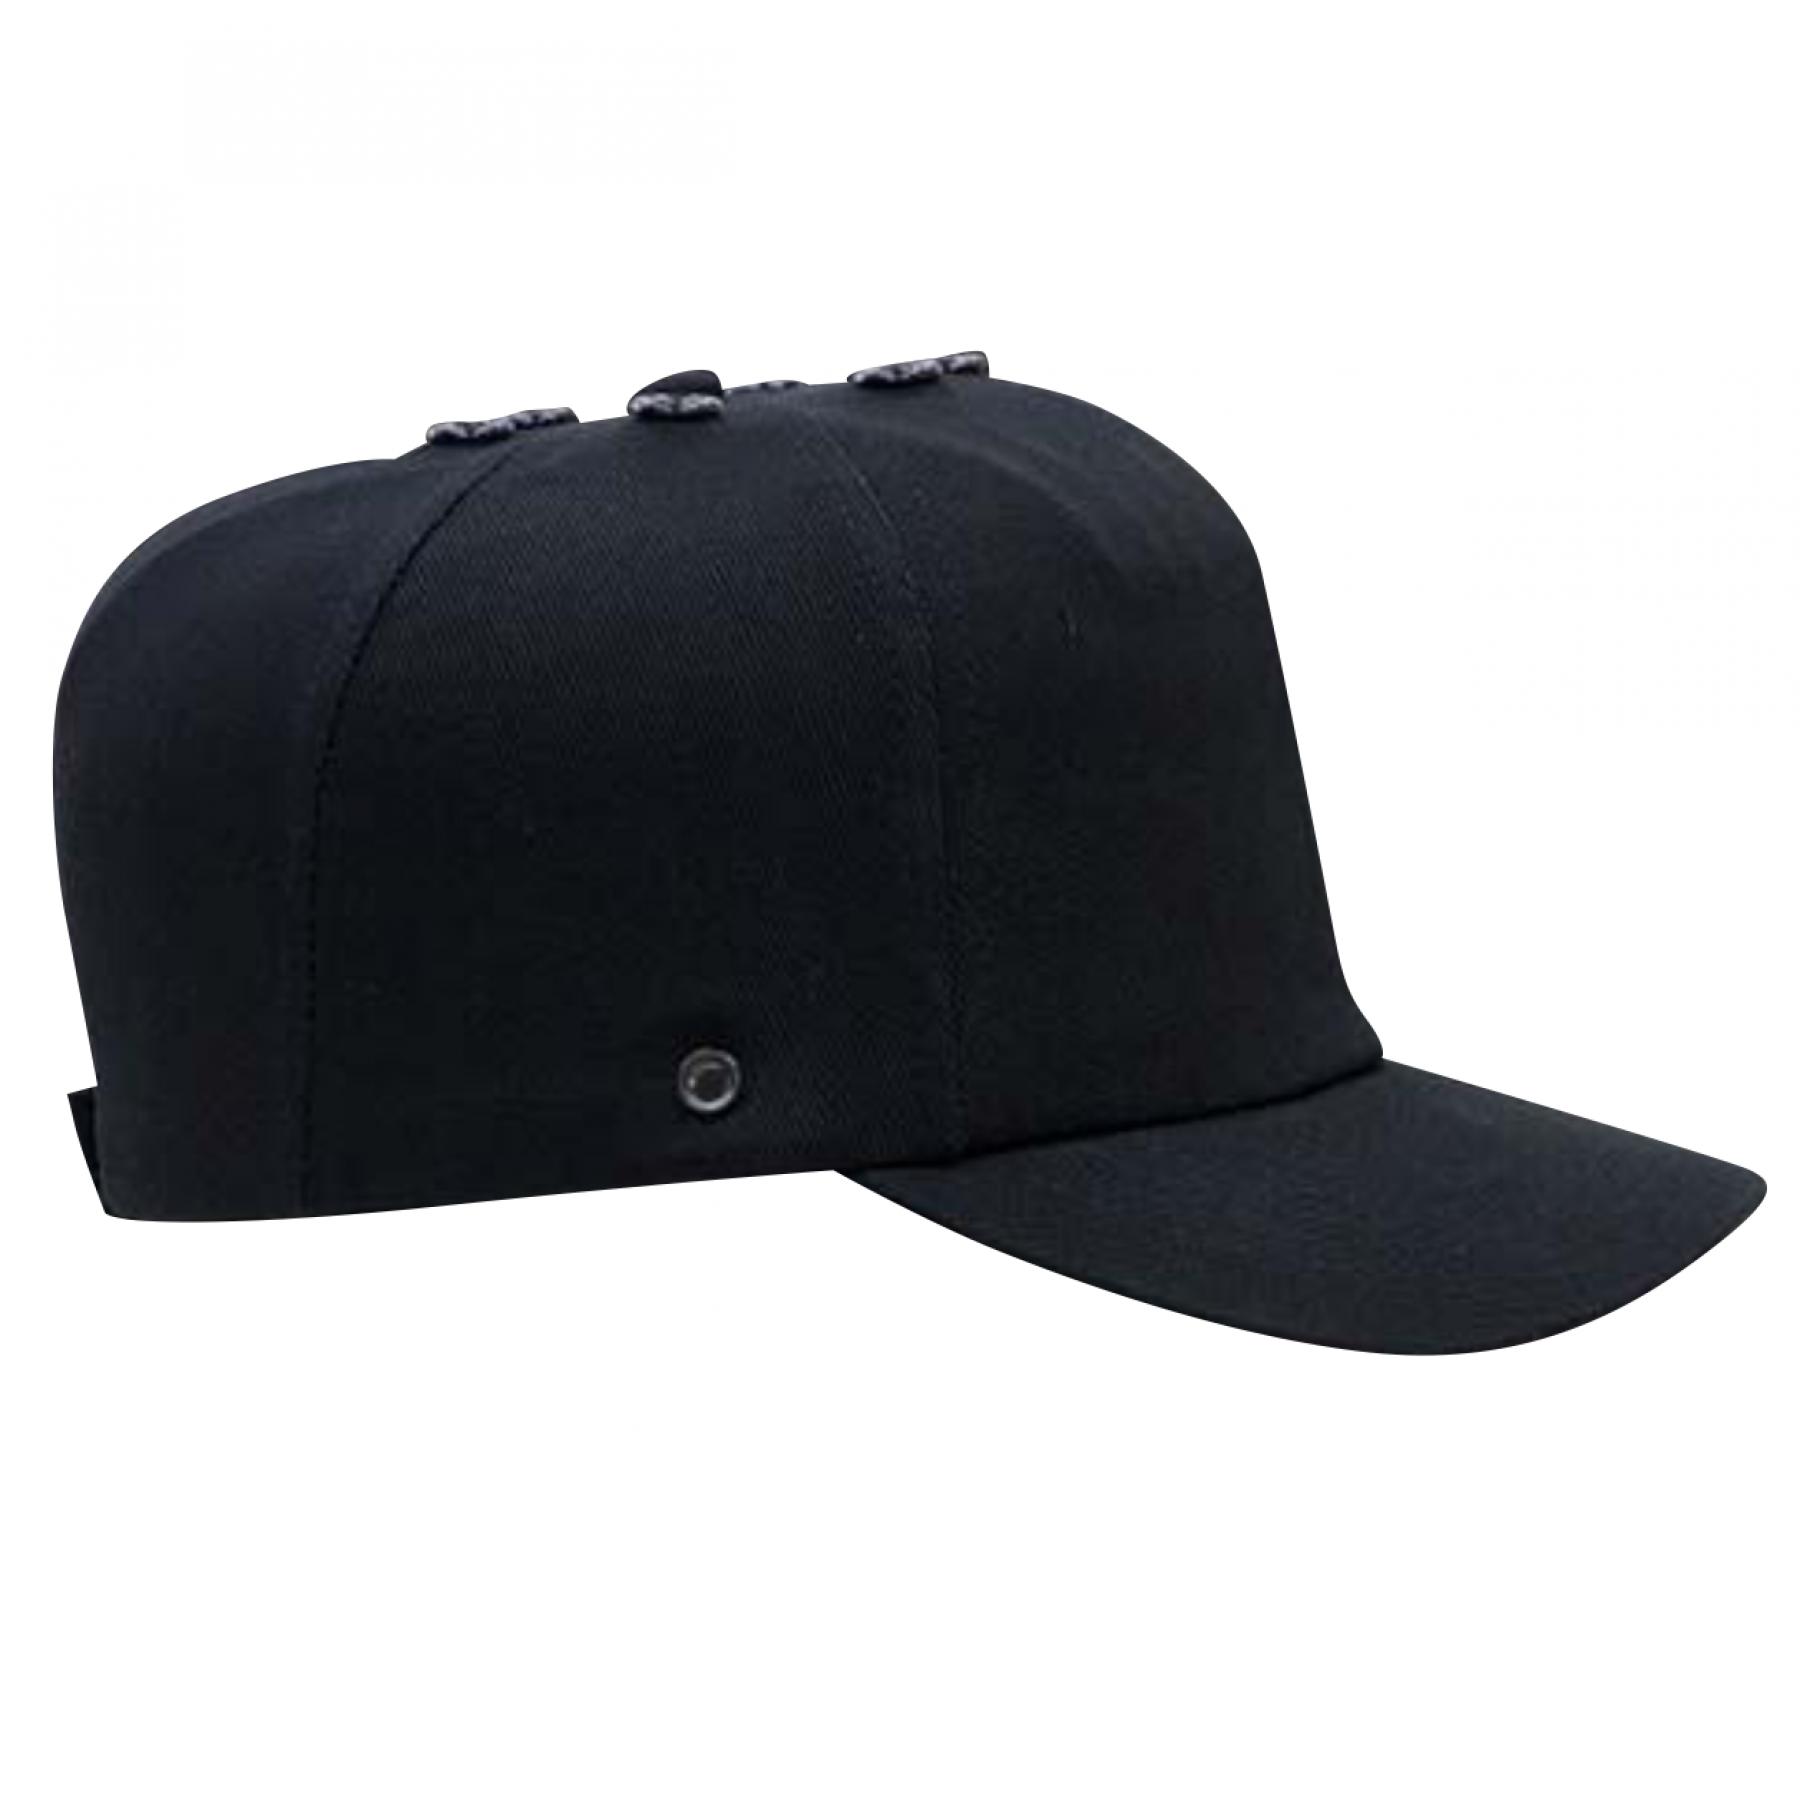 Bumpcap 100% Cotton En812, Navy Blue